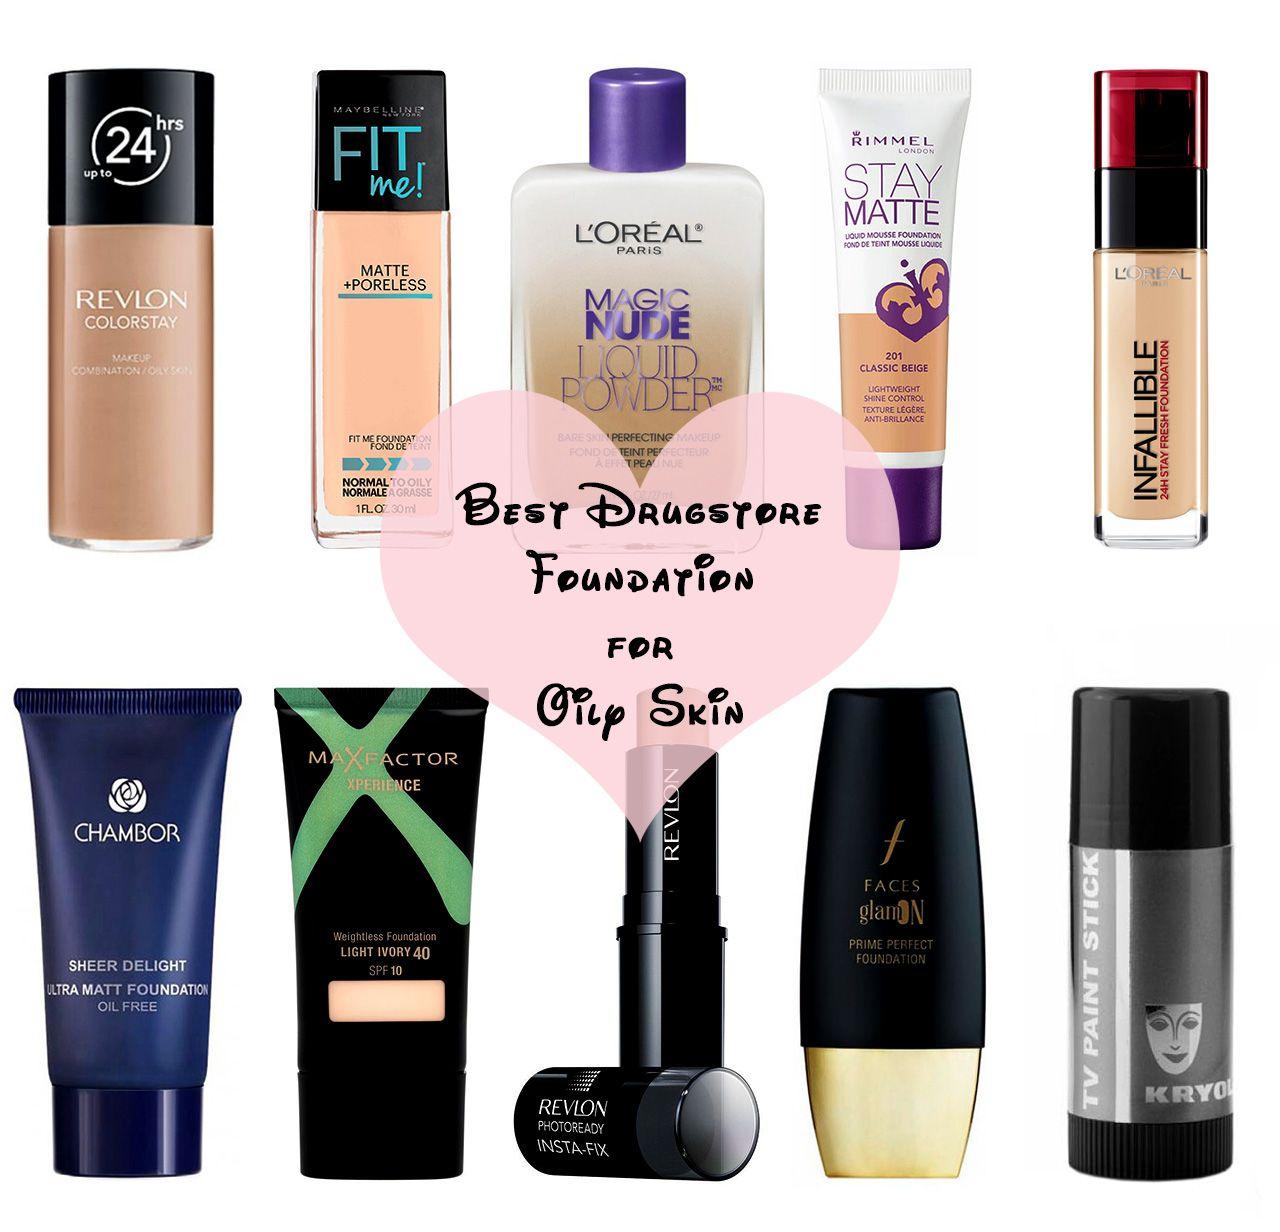 Best Drugstore Foundation for Oily Skin Foundation for